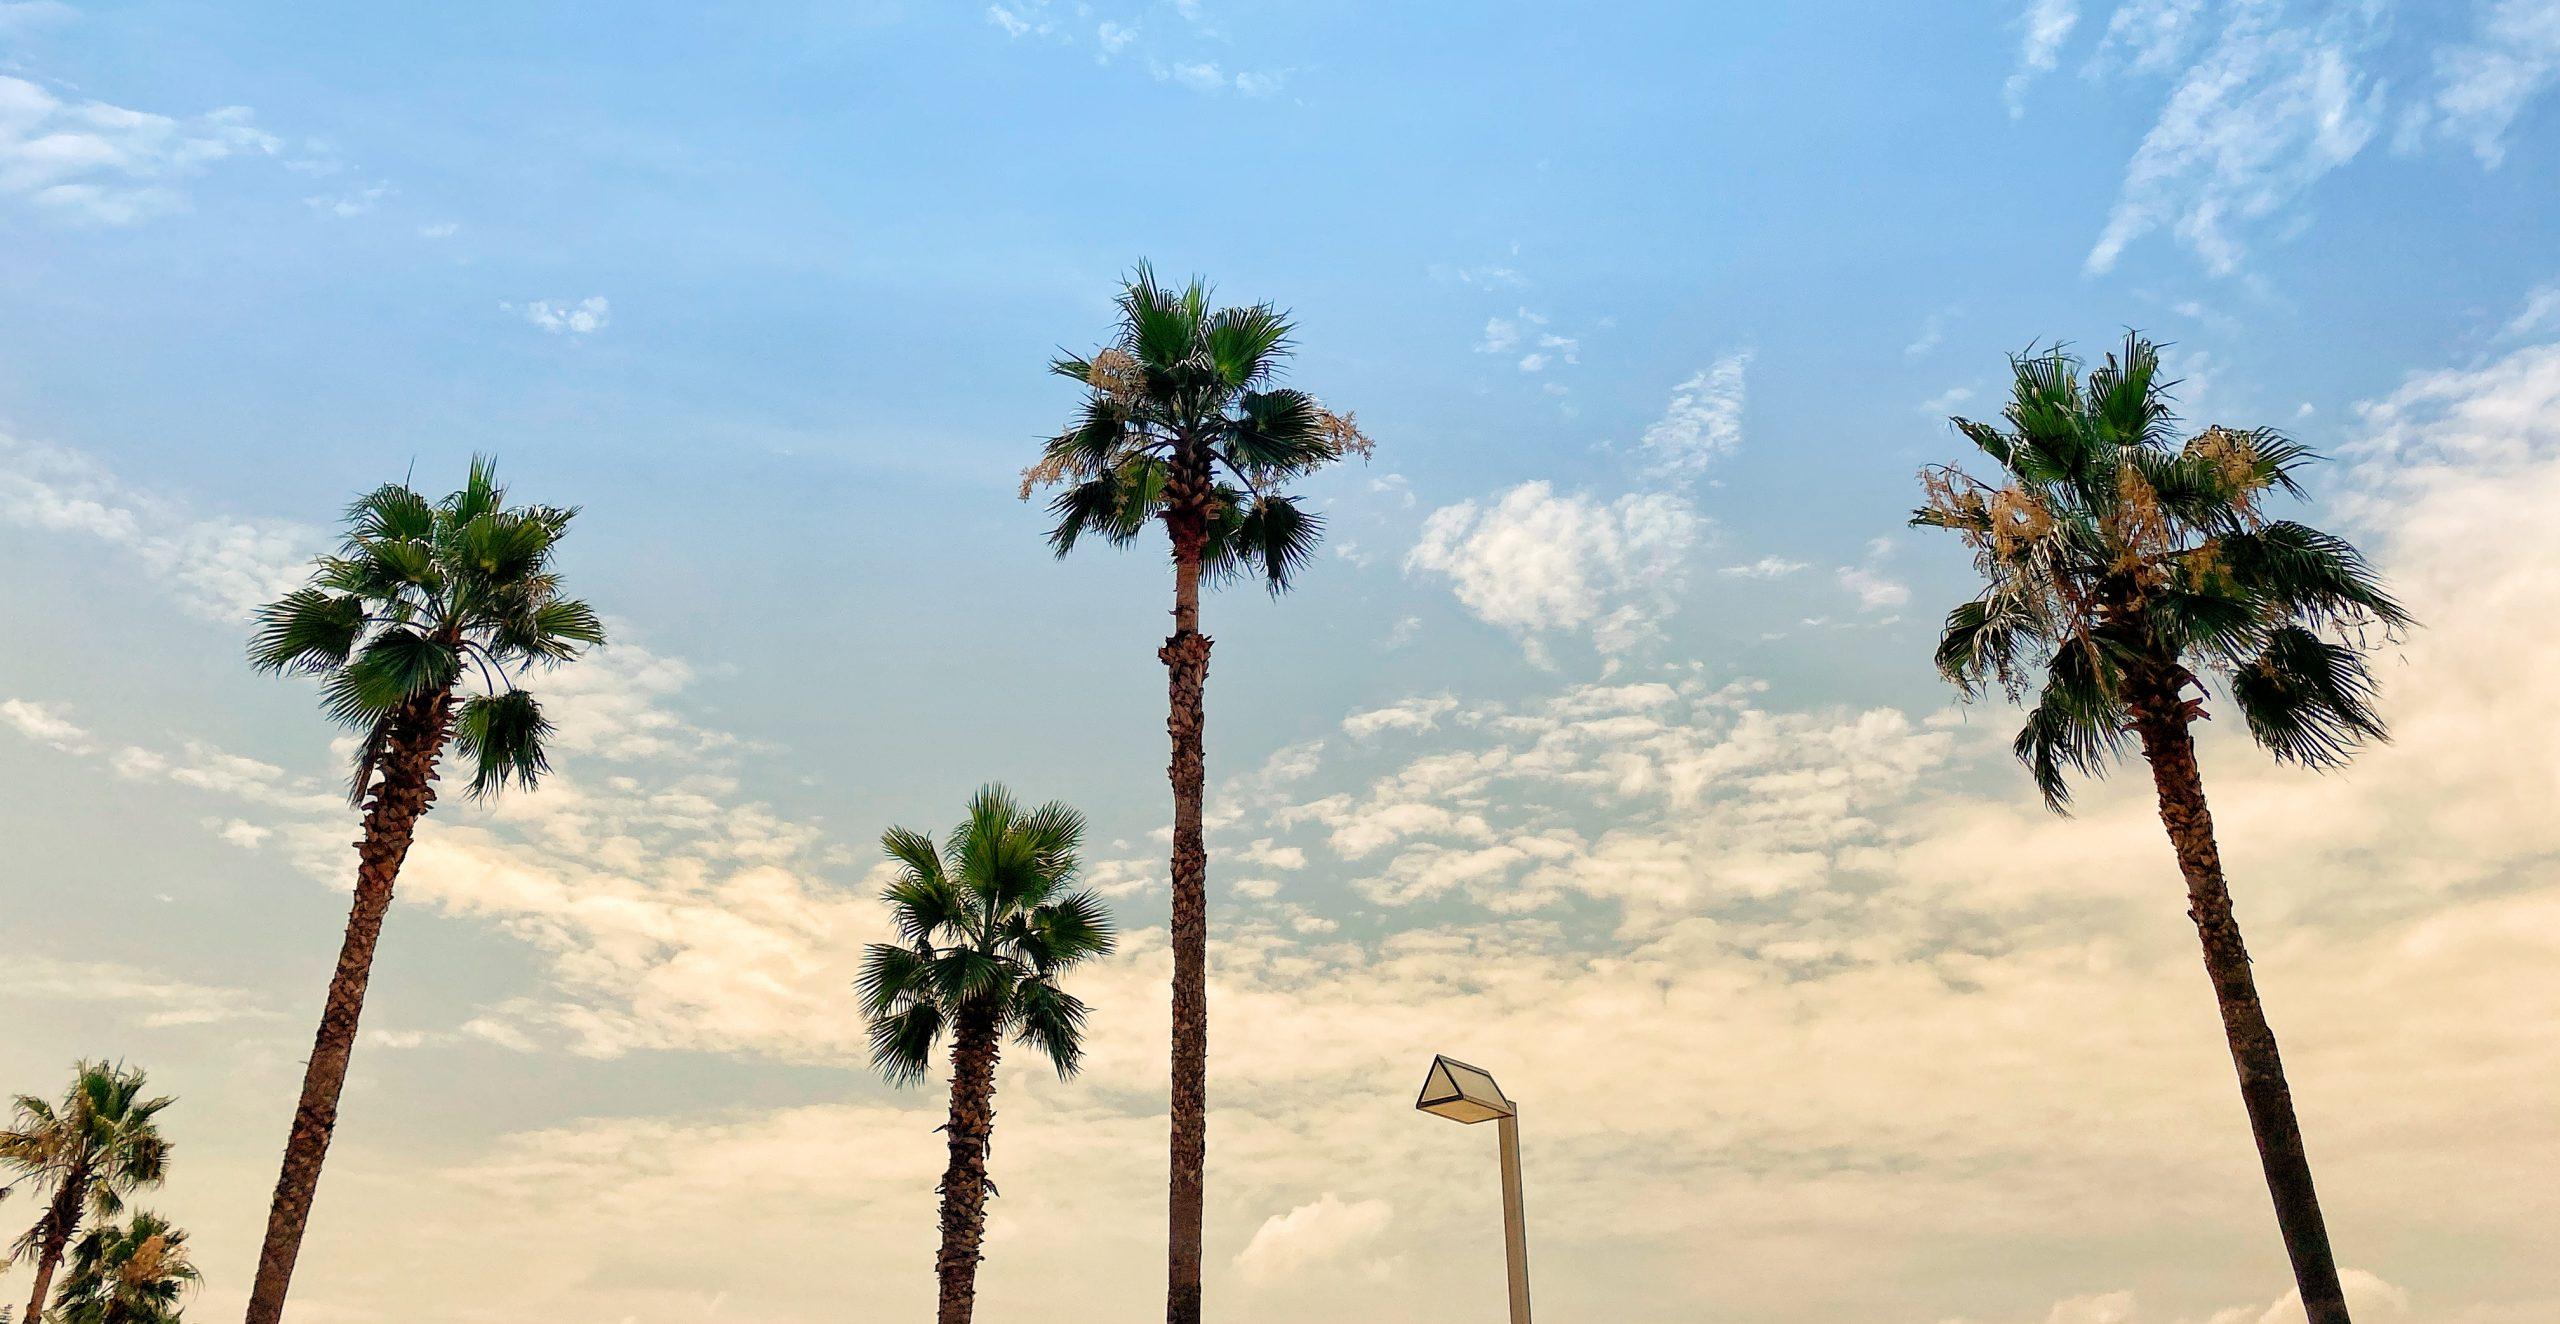 profiter de la liberté d'être freelance pour aller à la plage un lundi